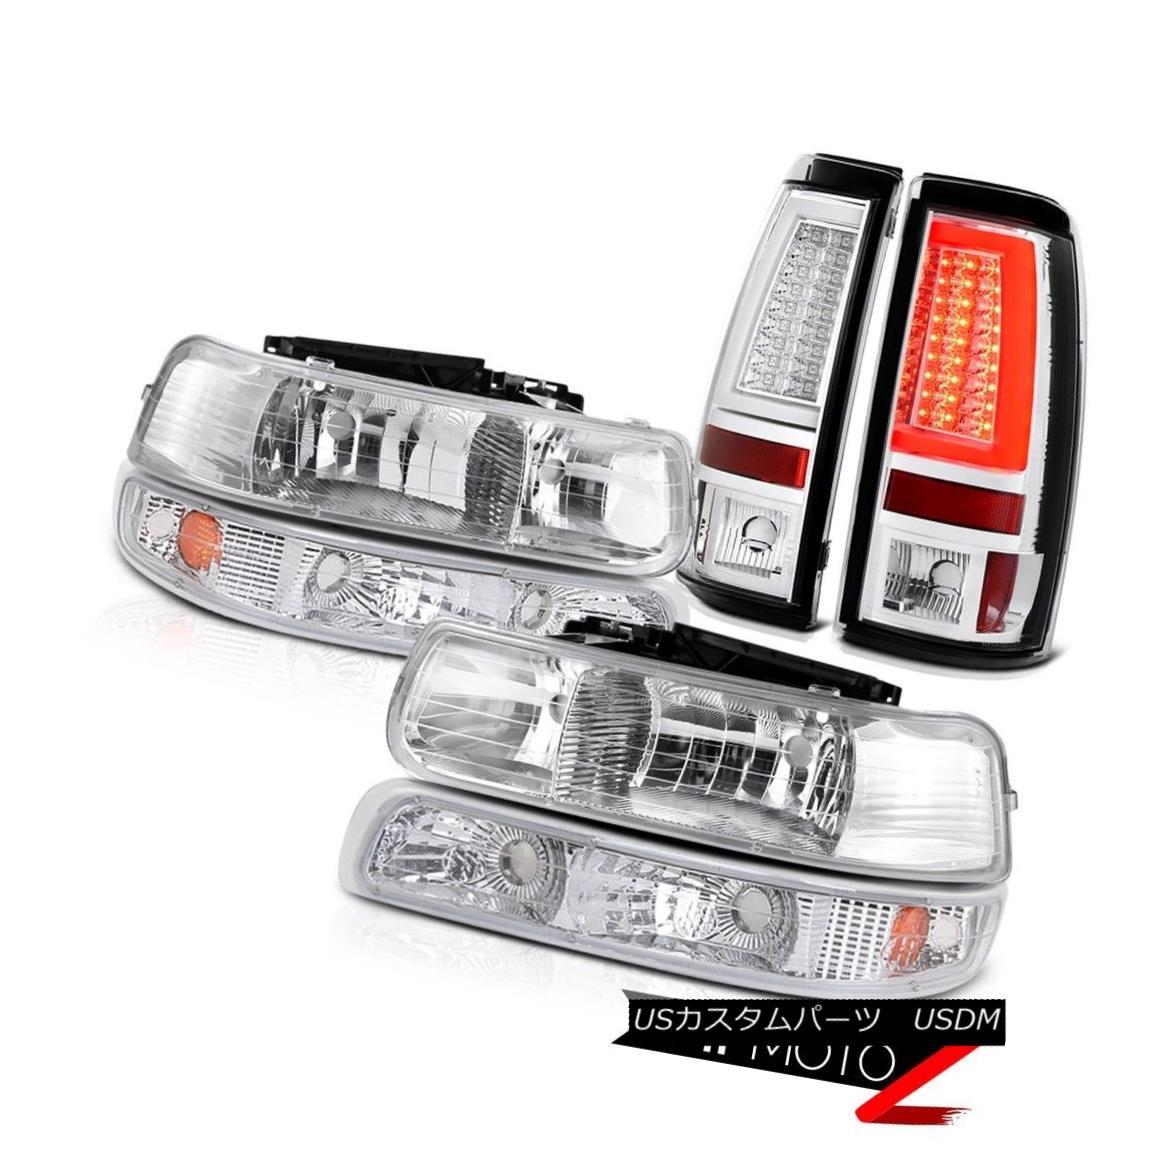 テールライト 99-02 Silverado Z71 Tail Lights Headlights Signal Light OLED Neon Tube Assembly 99-02 Silverado Z71テールライトヘッドライト信号光OLEDネオンチューブアセンブリ